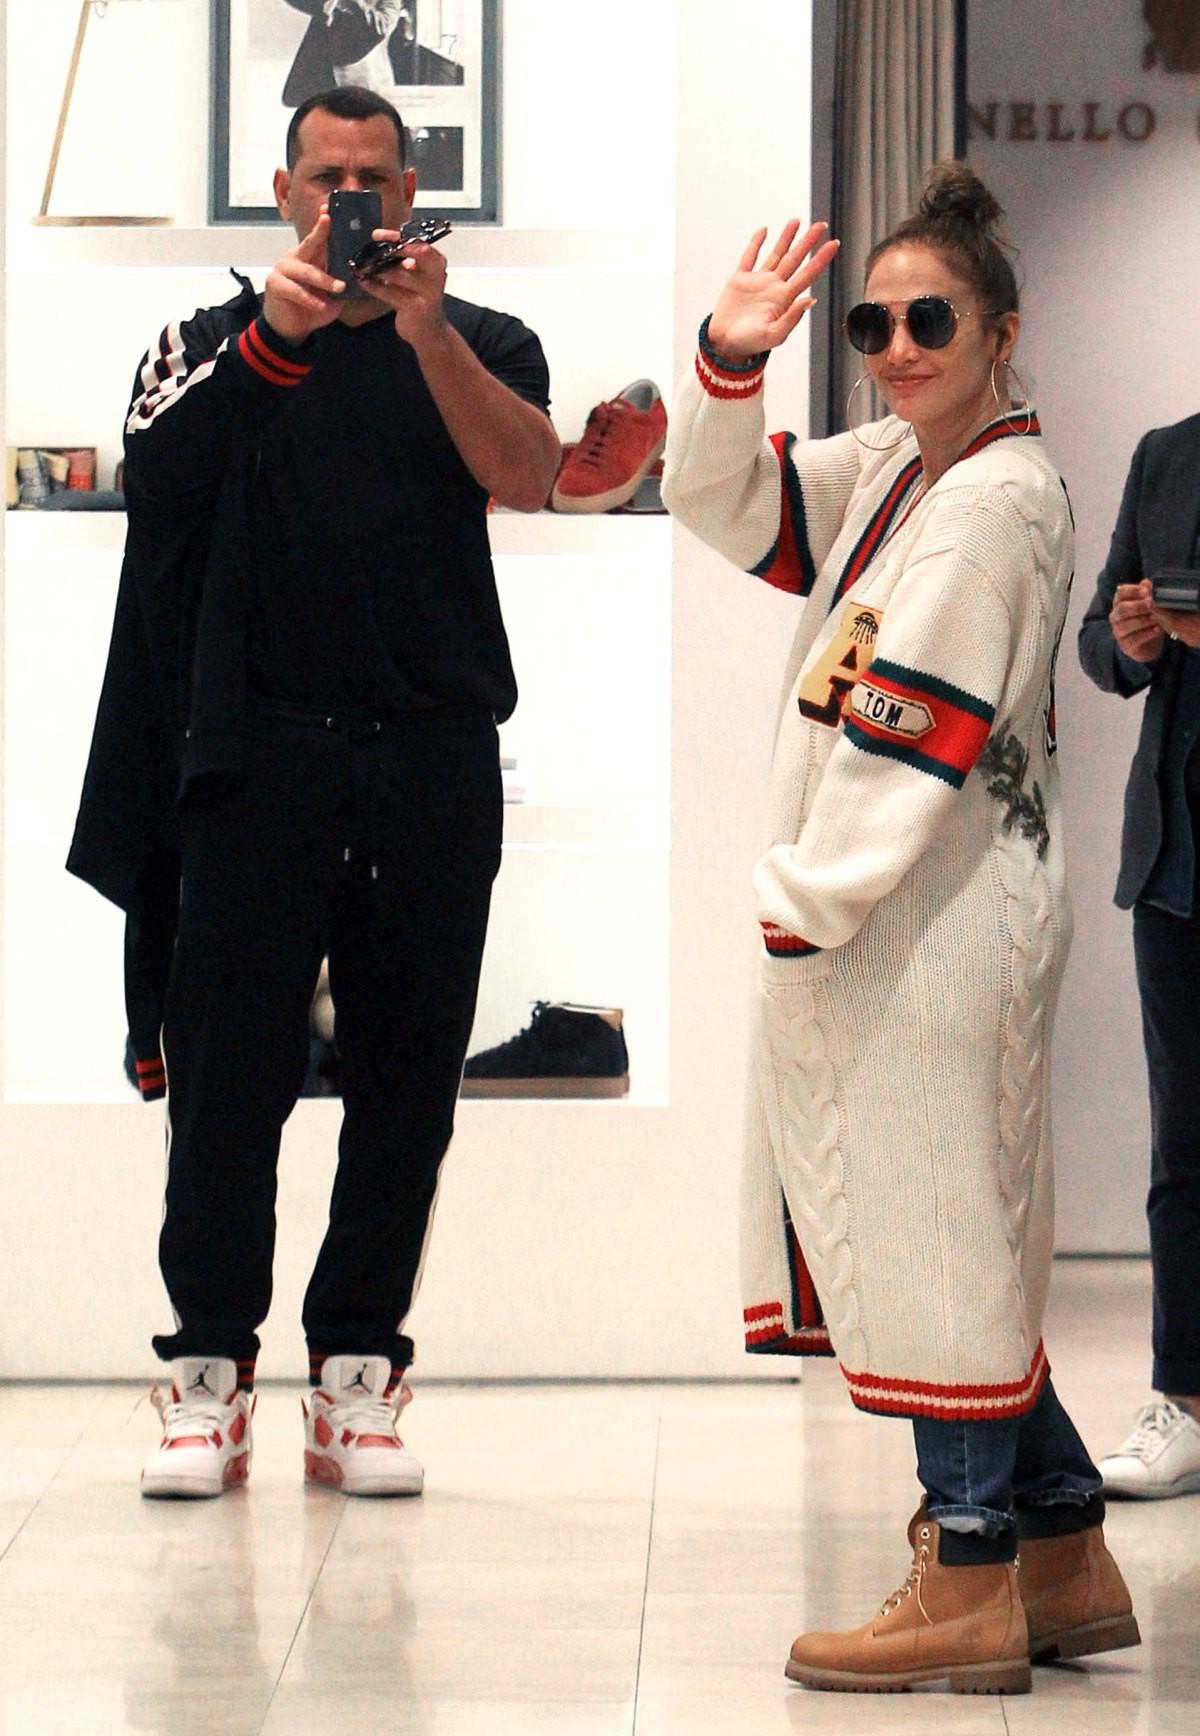 Cách Jennifer Lopez cùng bồ trẻ chứng minh tình yêu: Diện đồ tông xuyệt tông với nhau bất cứ khi nào có thể - ảnh 10